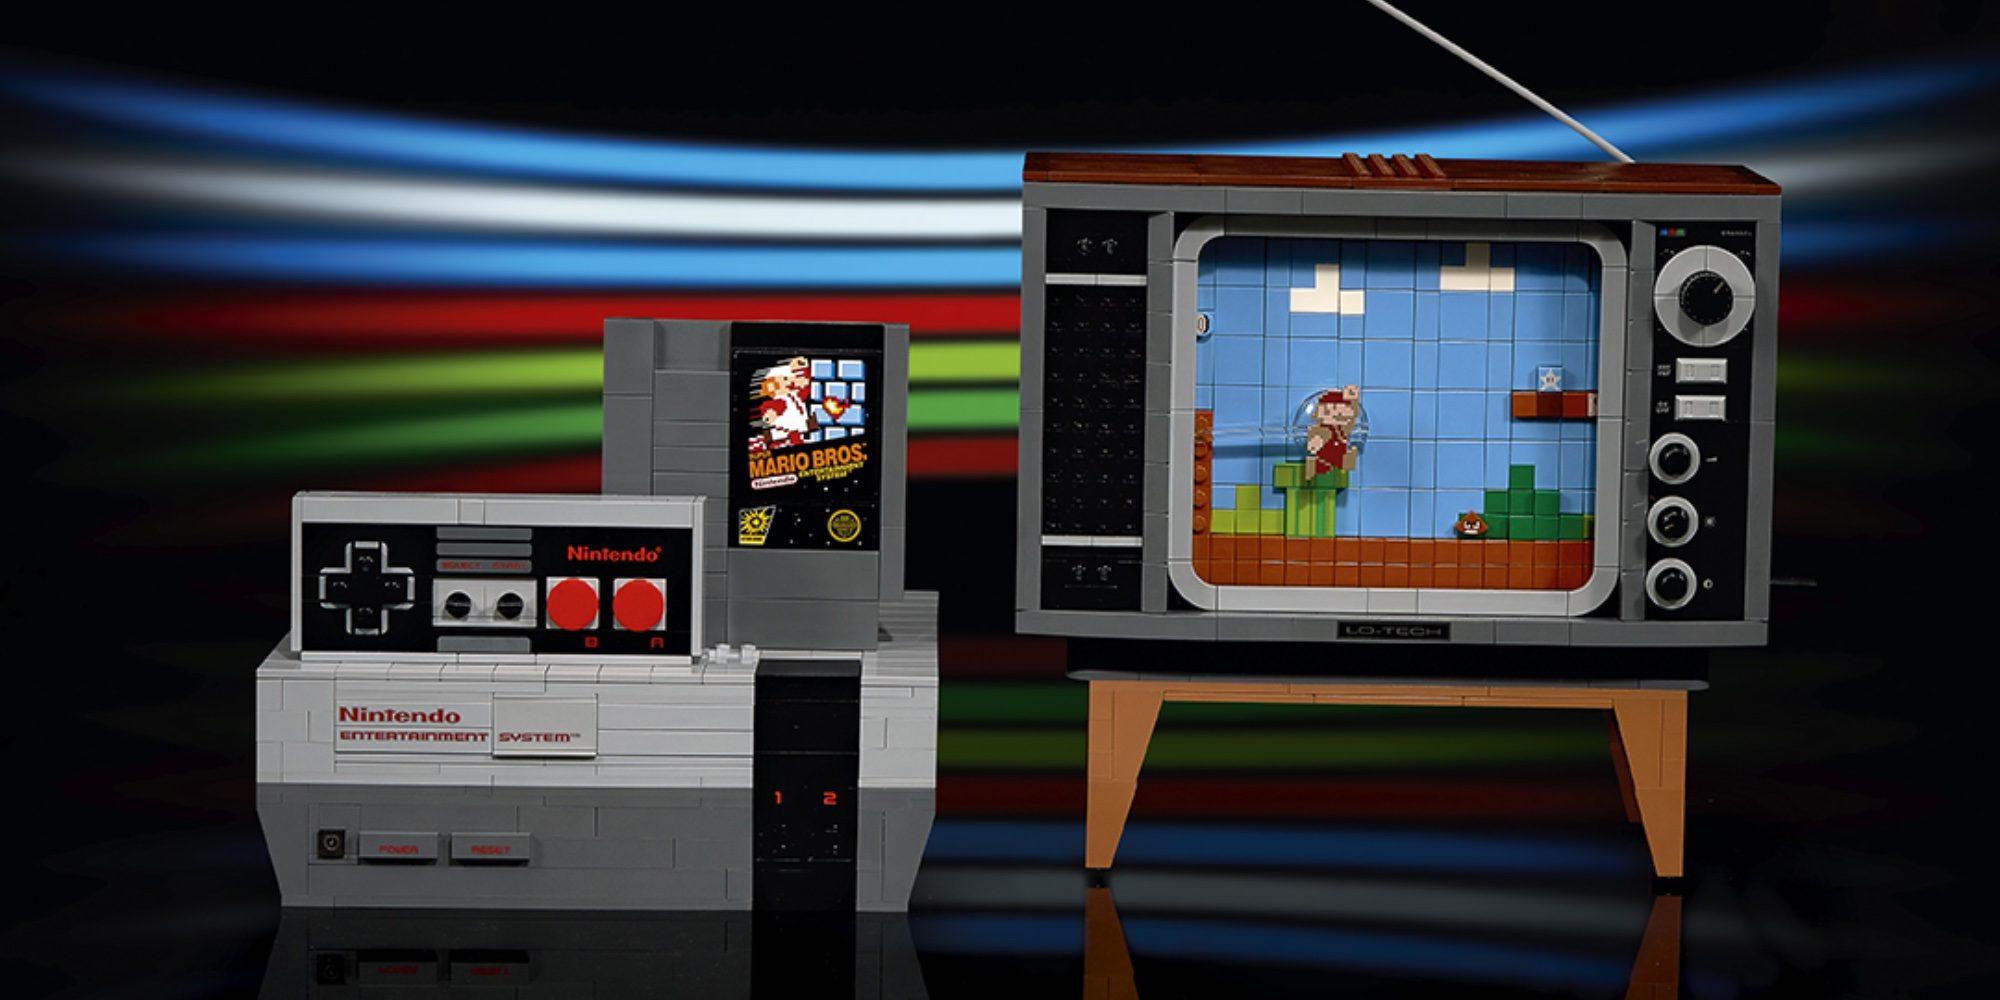 Lego sort un nouveau kit Lego Nintendo NES avec son téléviseur cathodique